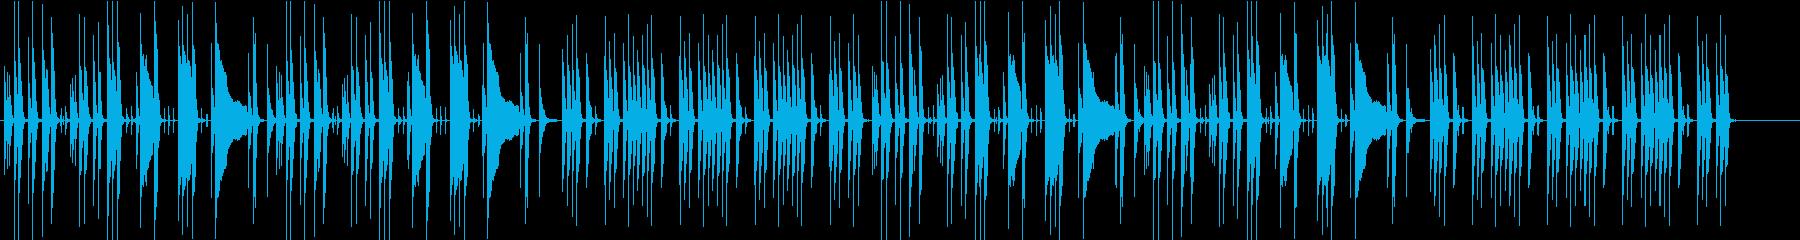 日常系のおちついた劇判の再生済みの波形